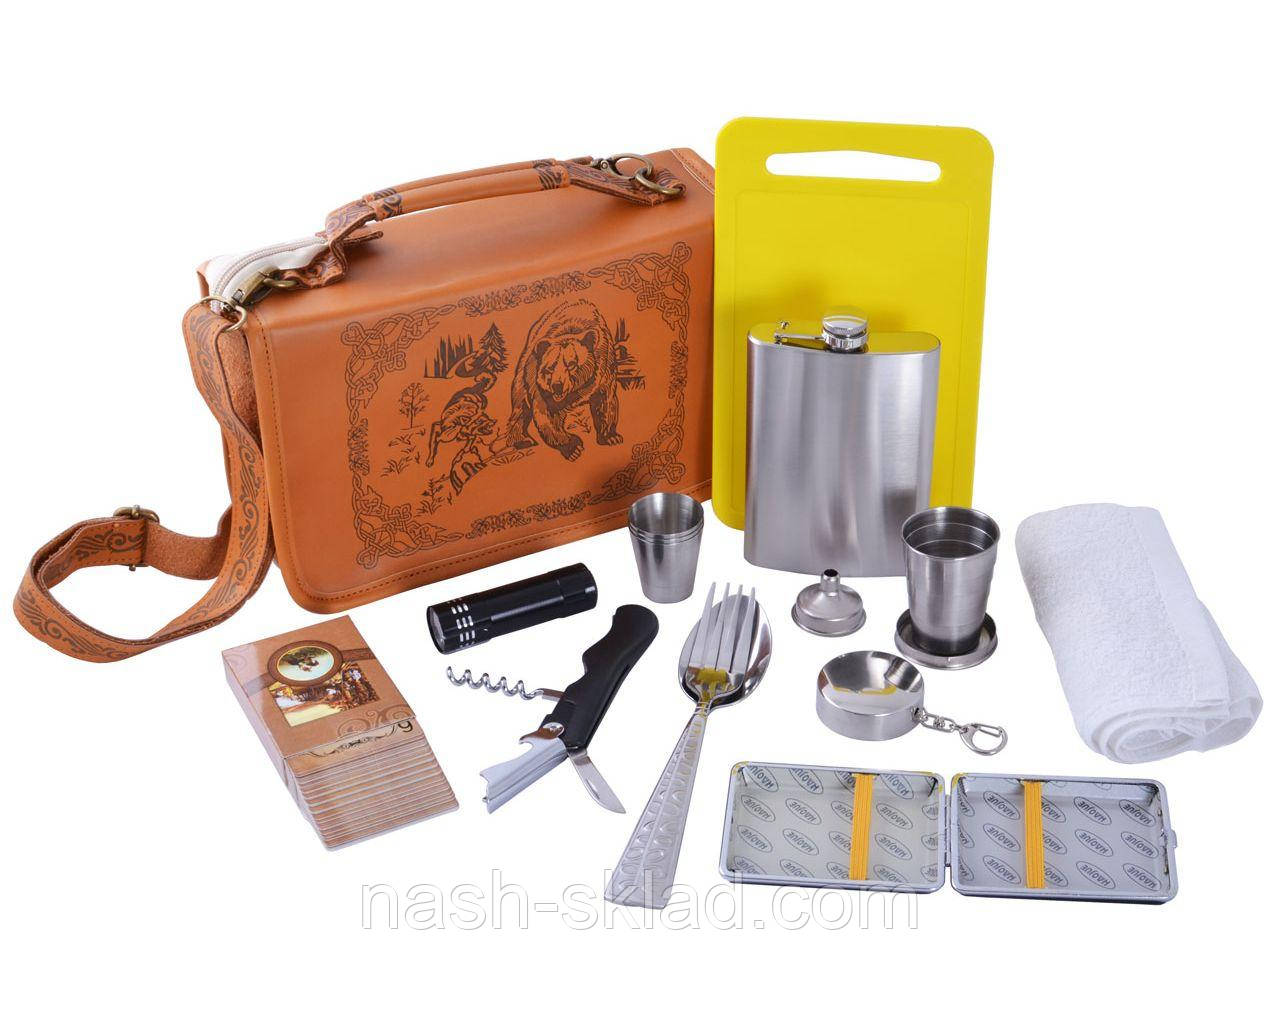 Кожаный подарочный набор с флягой и другими инструментами в сумке для мужчин